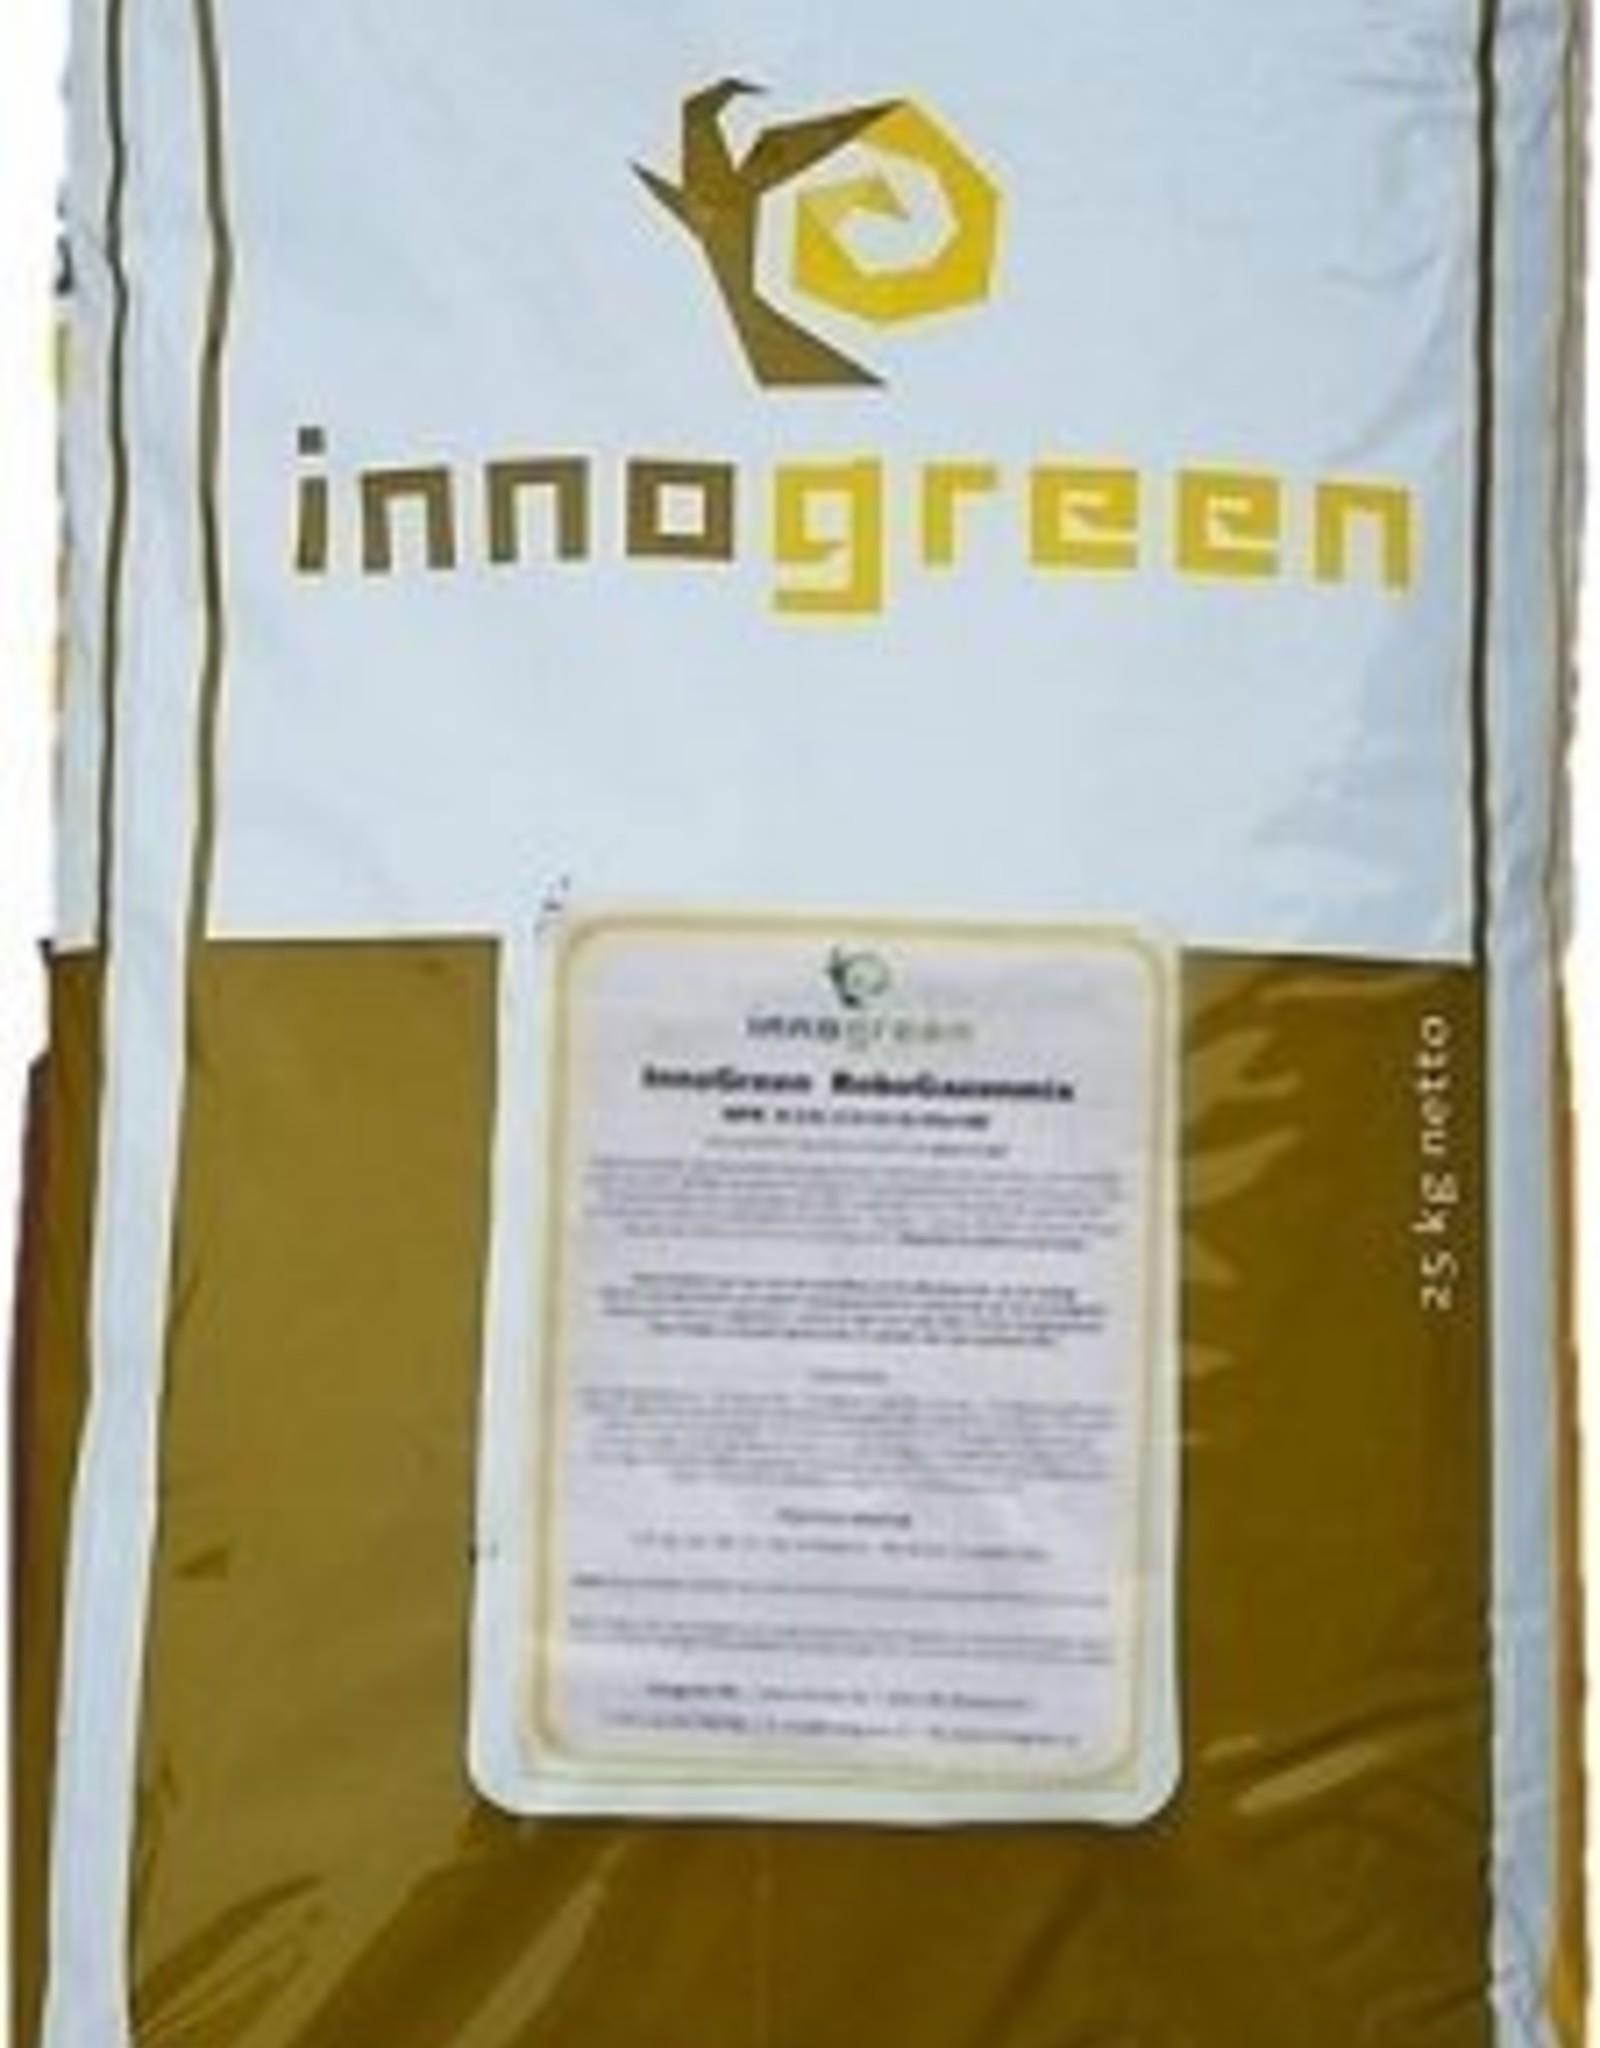 Brimex Innogreen Innogreen Robotmaaier mest bio  8-3-6 + toevoegingen